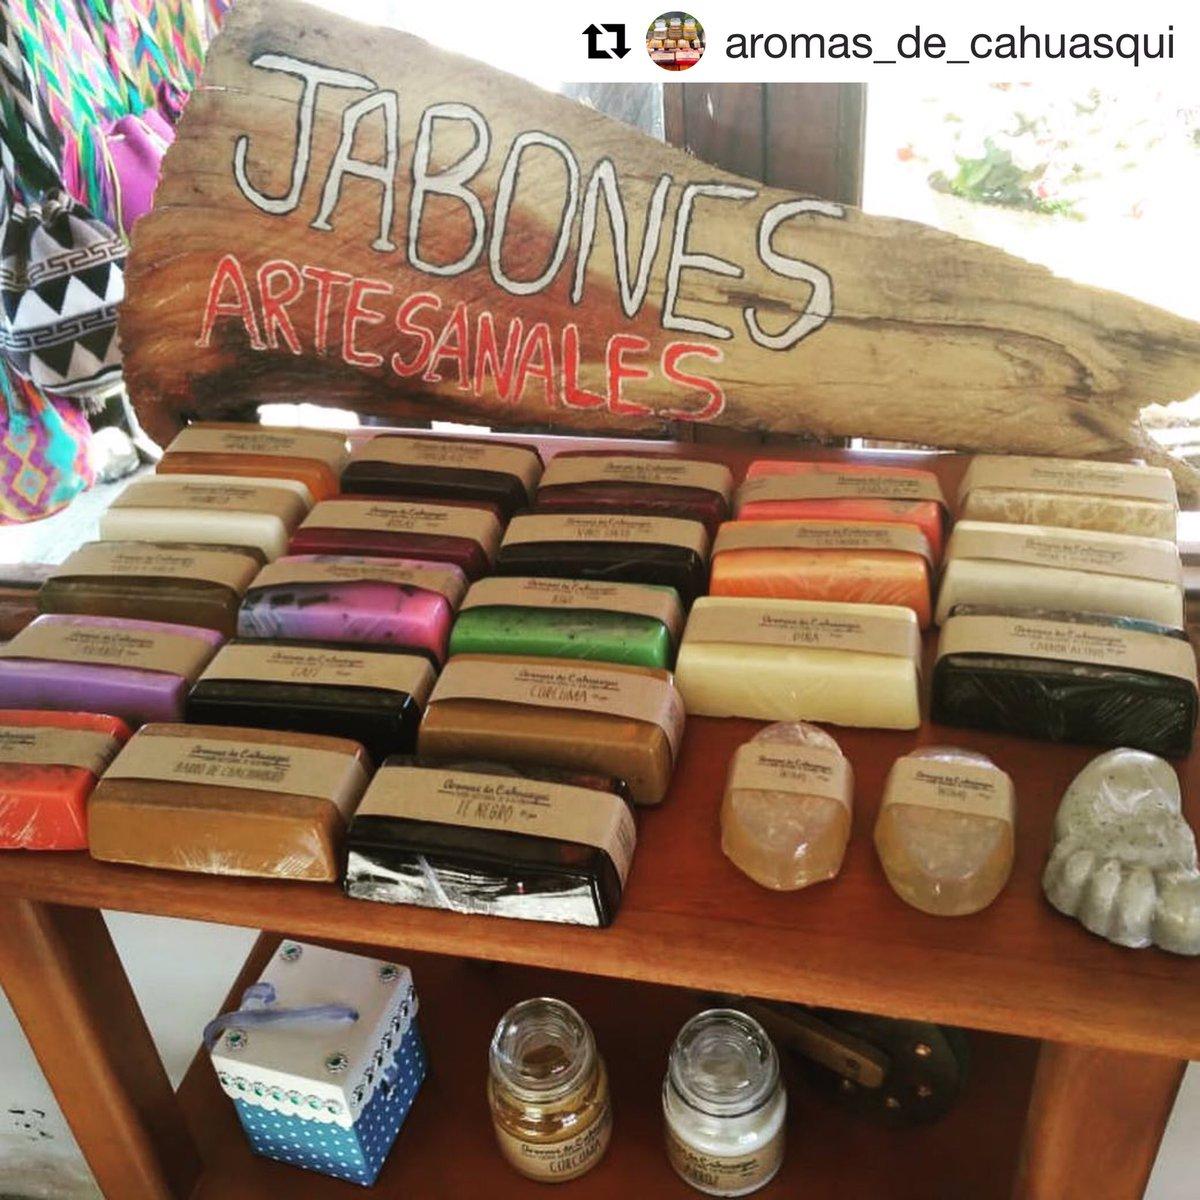 🎏 En #Imbabura cantón #Urcuquí encuentras nuestros jabónes de glicerina con extractos naturales #AromasdeCahuasquí a una cuadra del UPC vía a  #Tumbabiro #Cahuasquí  🇪🇨0992423832 #Barrotermal #Chachimbiro😍 #natural #organico #TecnicoUniversitario #Yachay #Ciudaddelconocimiento